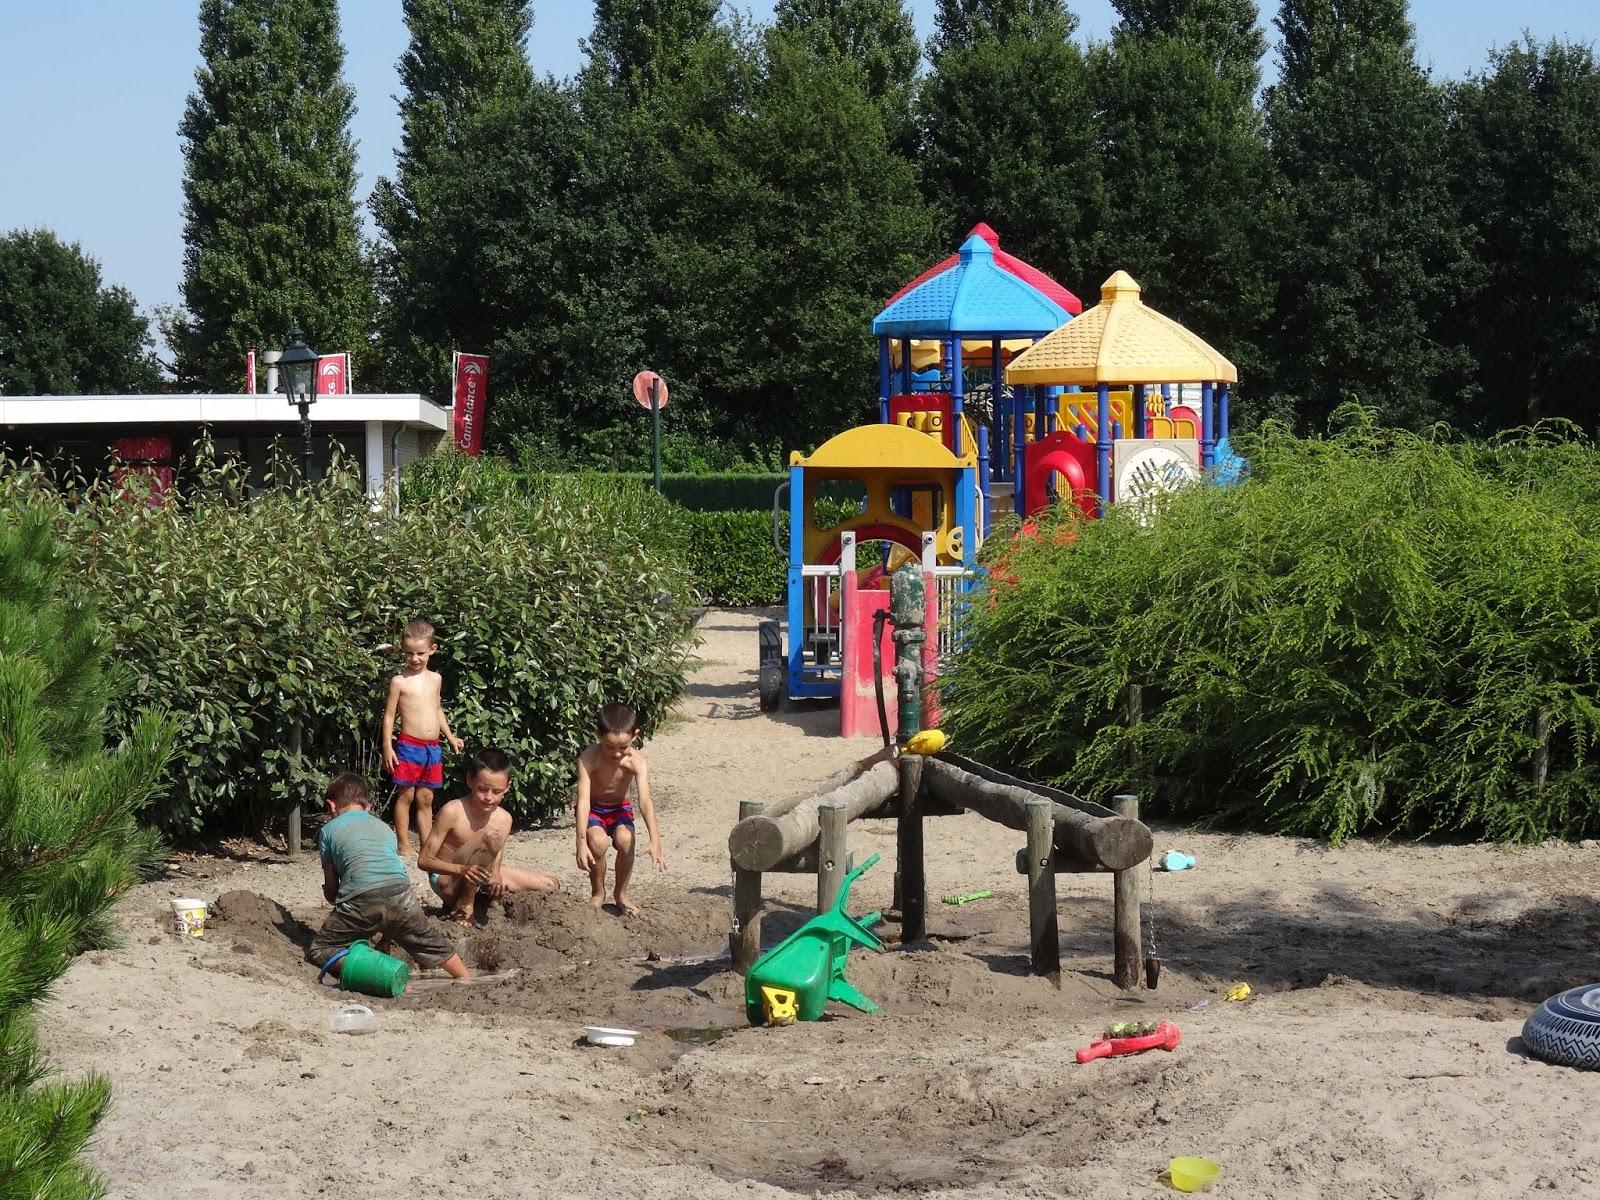 0a842d97bdf Recreatiepark Duinhoeve - Camping Oisterwijk - ViralGraphics